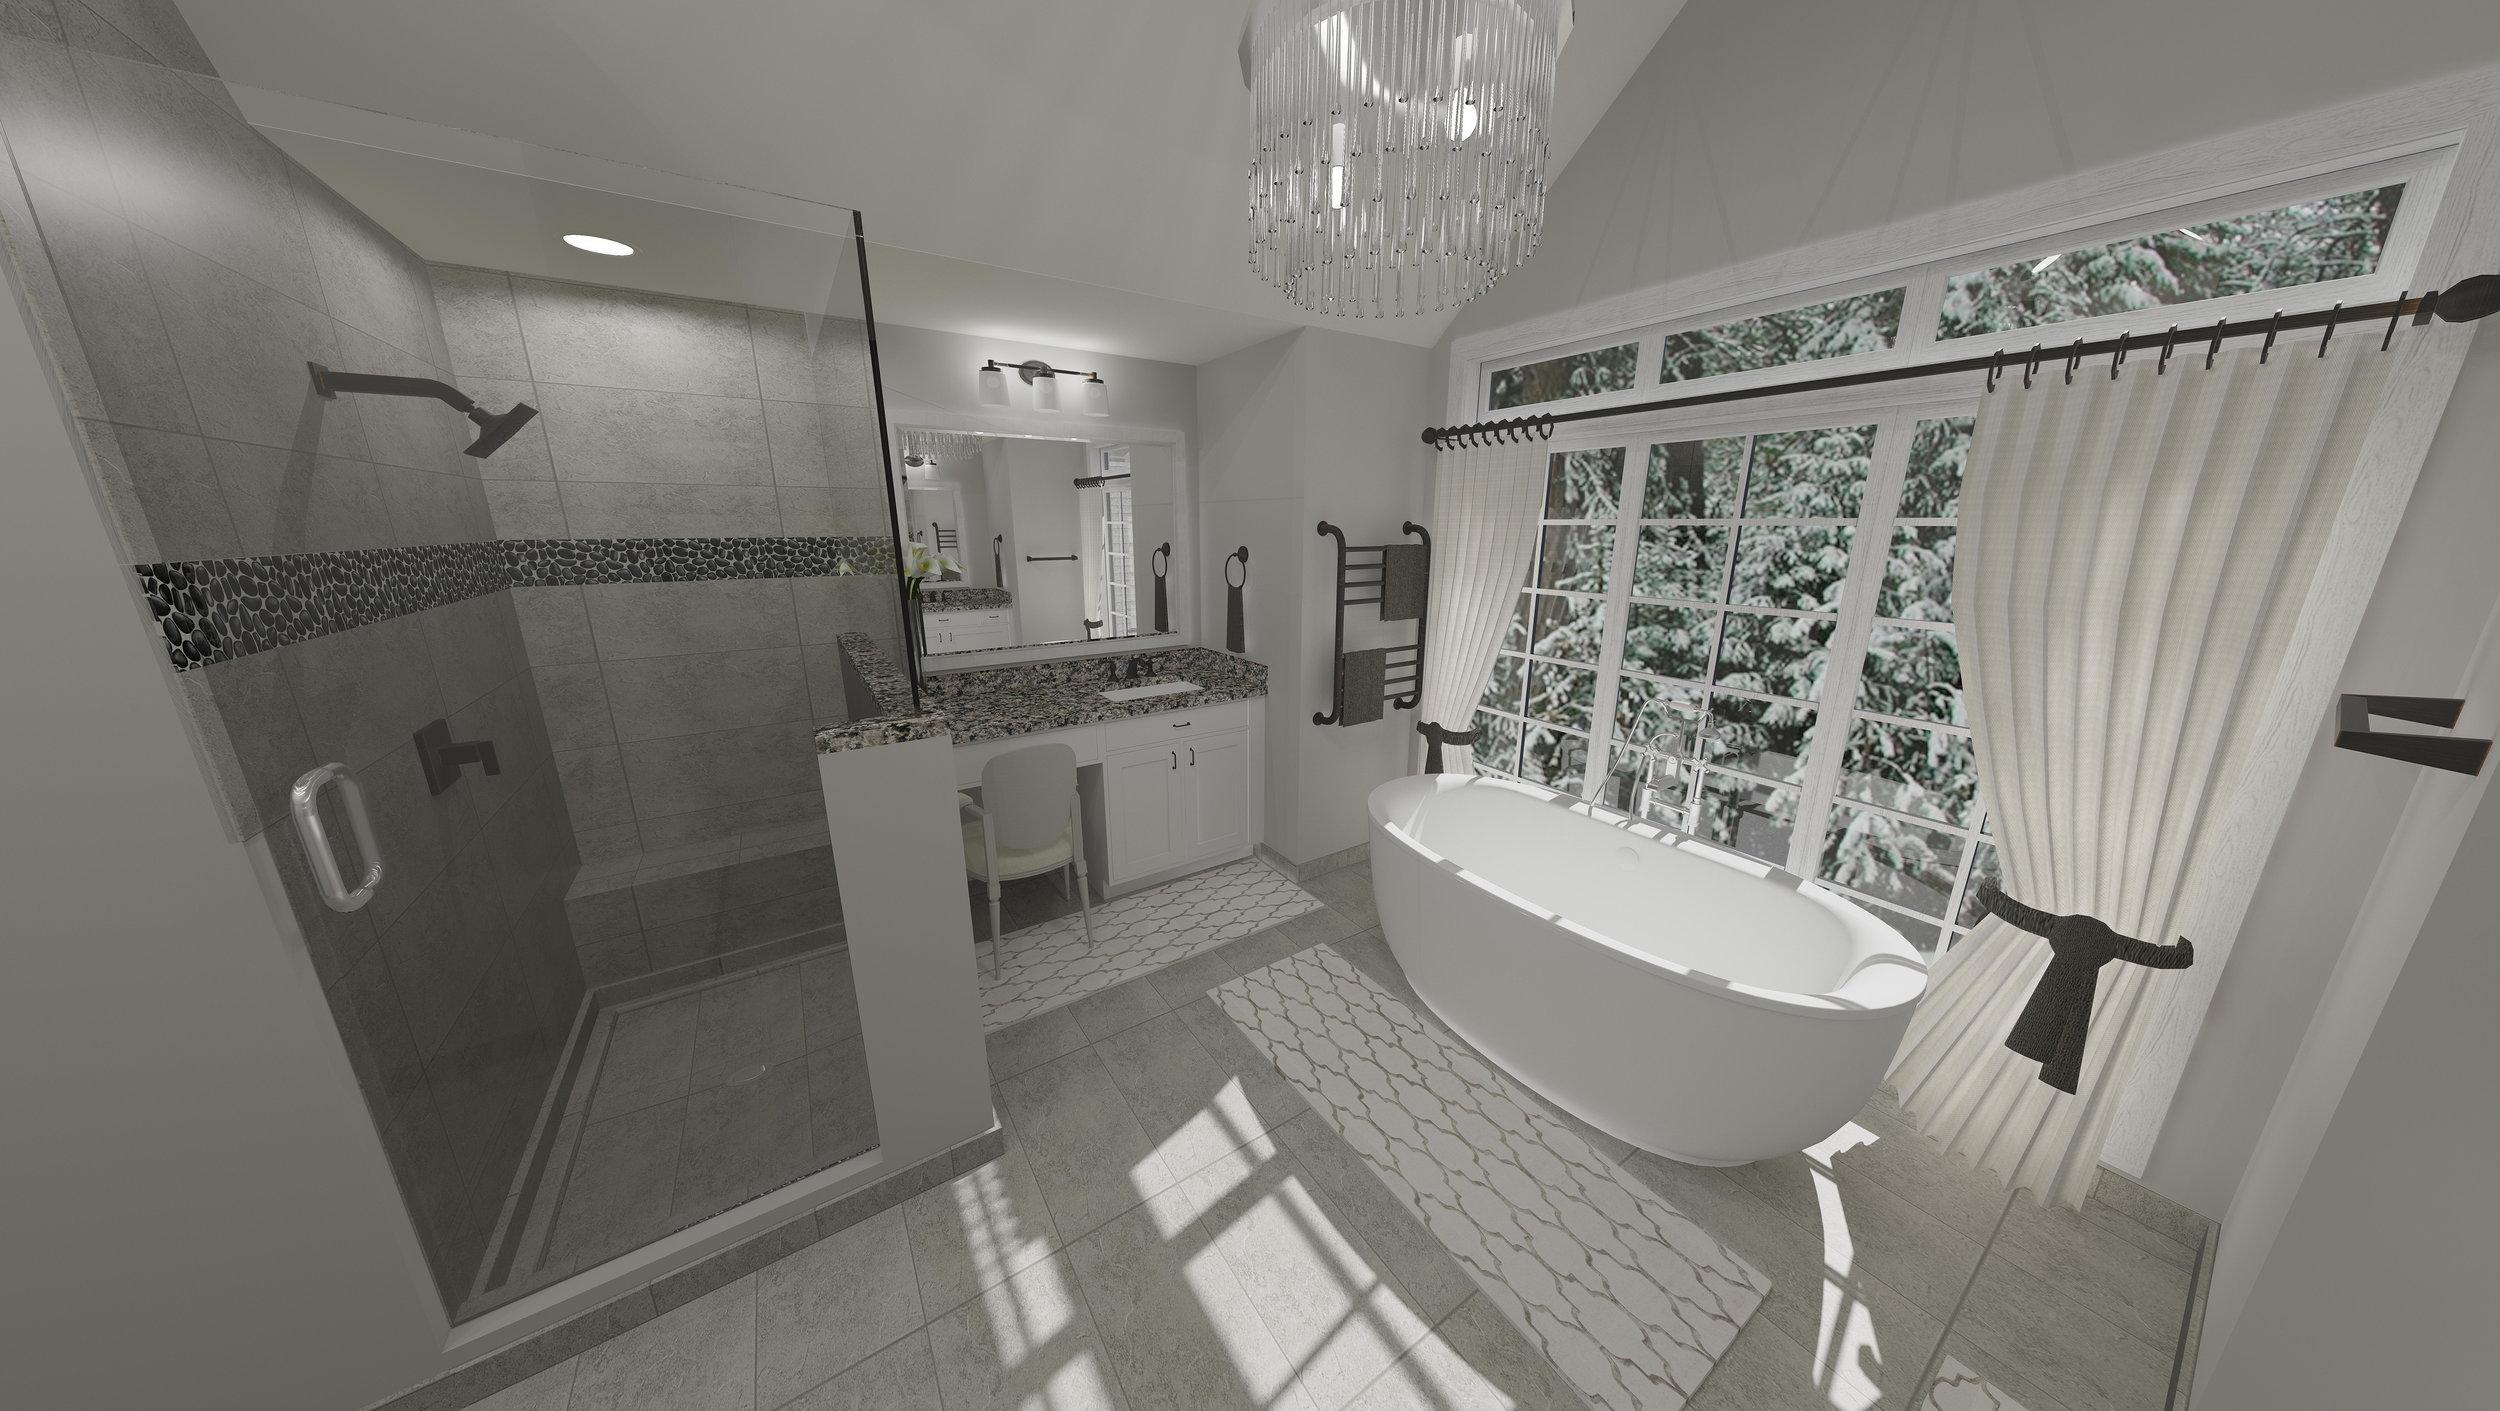 Donels-Master Suite Rendering-Large.jpg